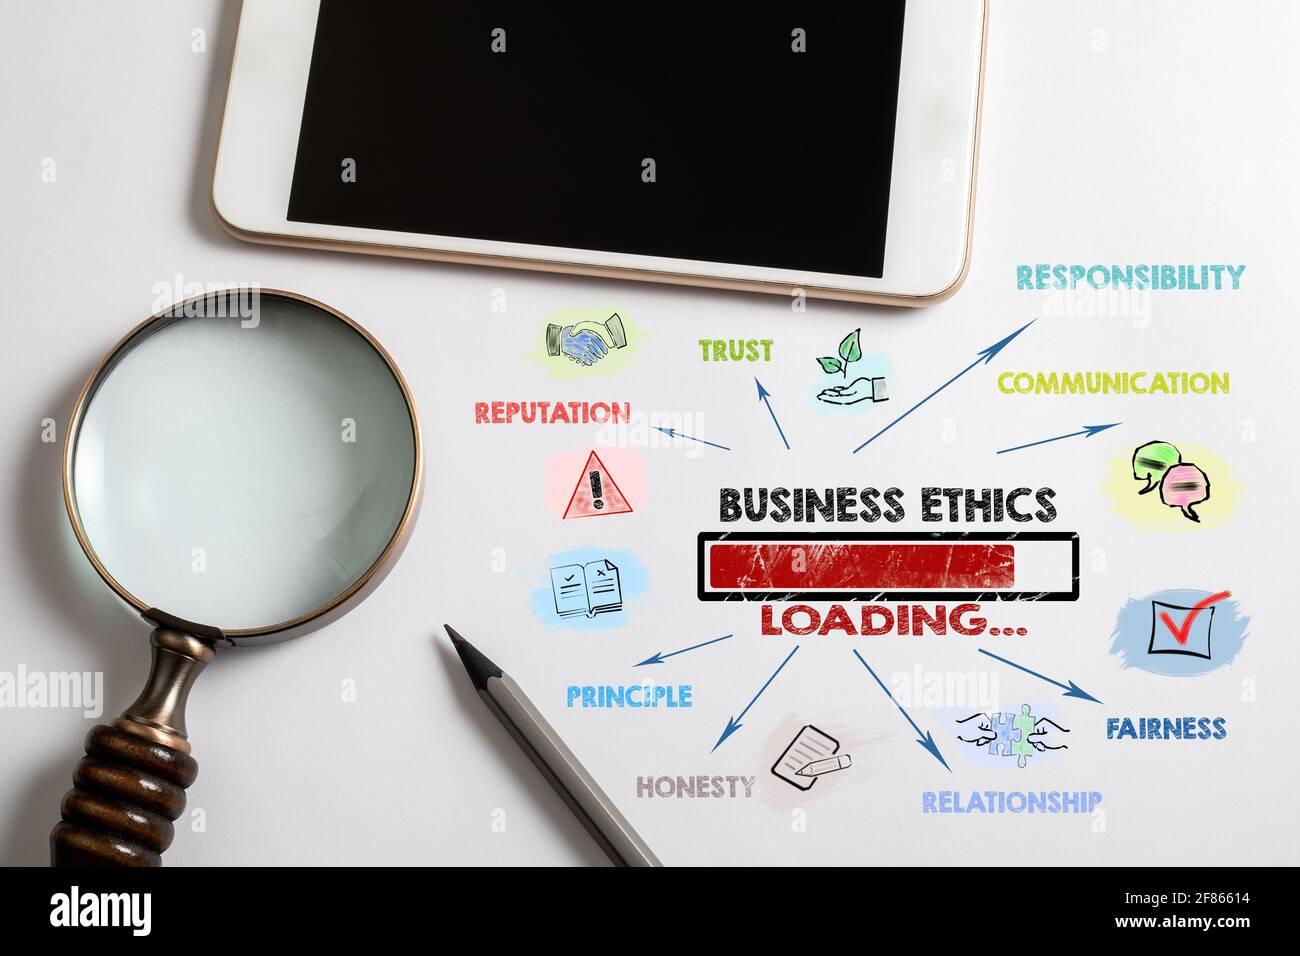 Etica aziendale. Fiducia, reputazione, comunicazione e concetto di relazione. Caricamento di parole chiave e icone. Smartphone su tavolo bianco Foto Stock